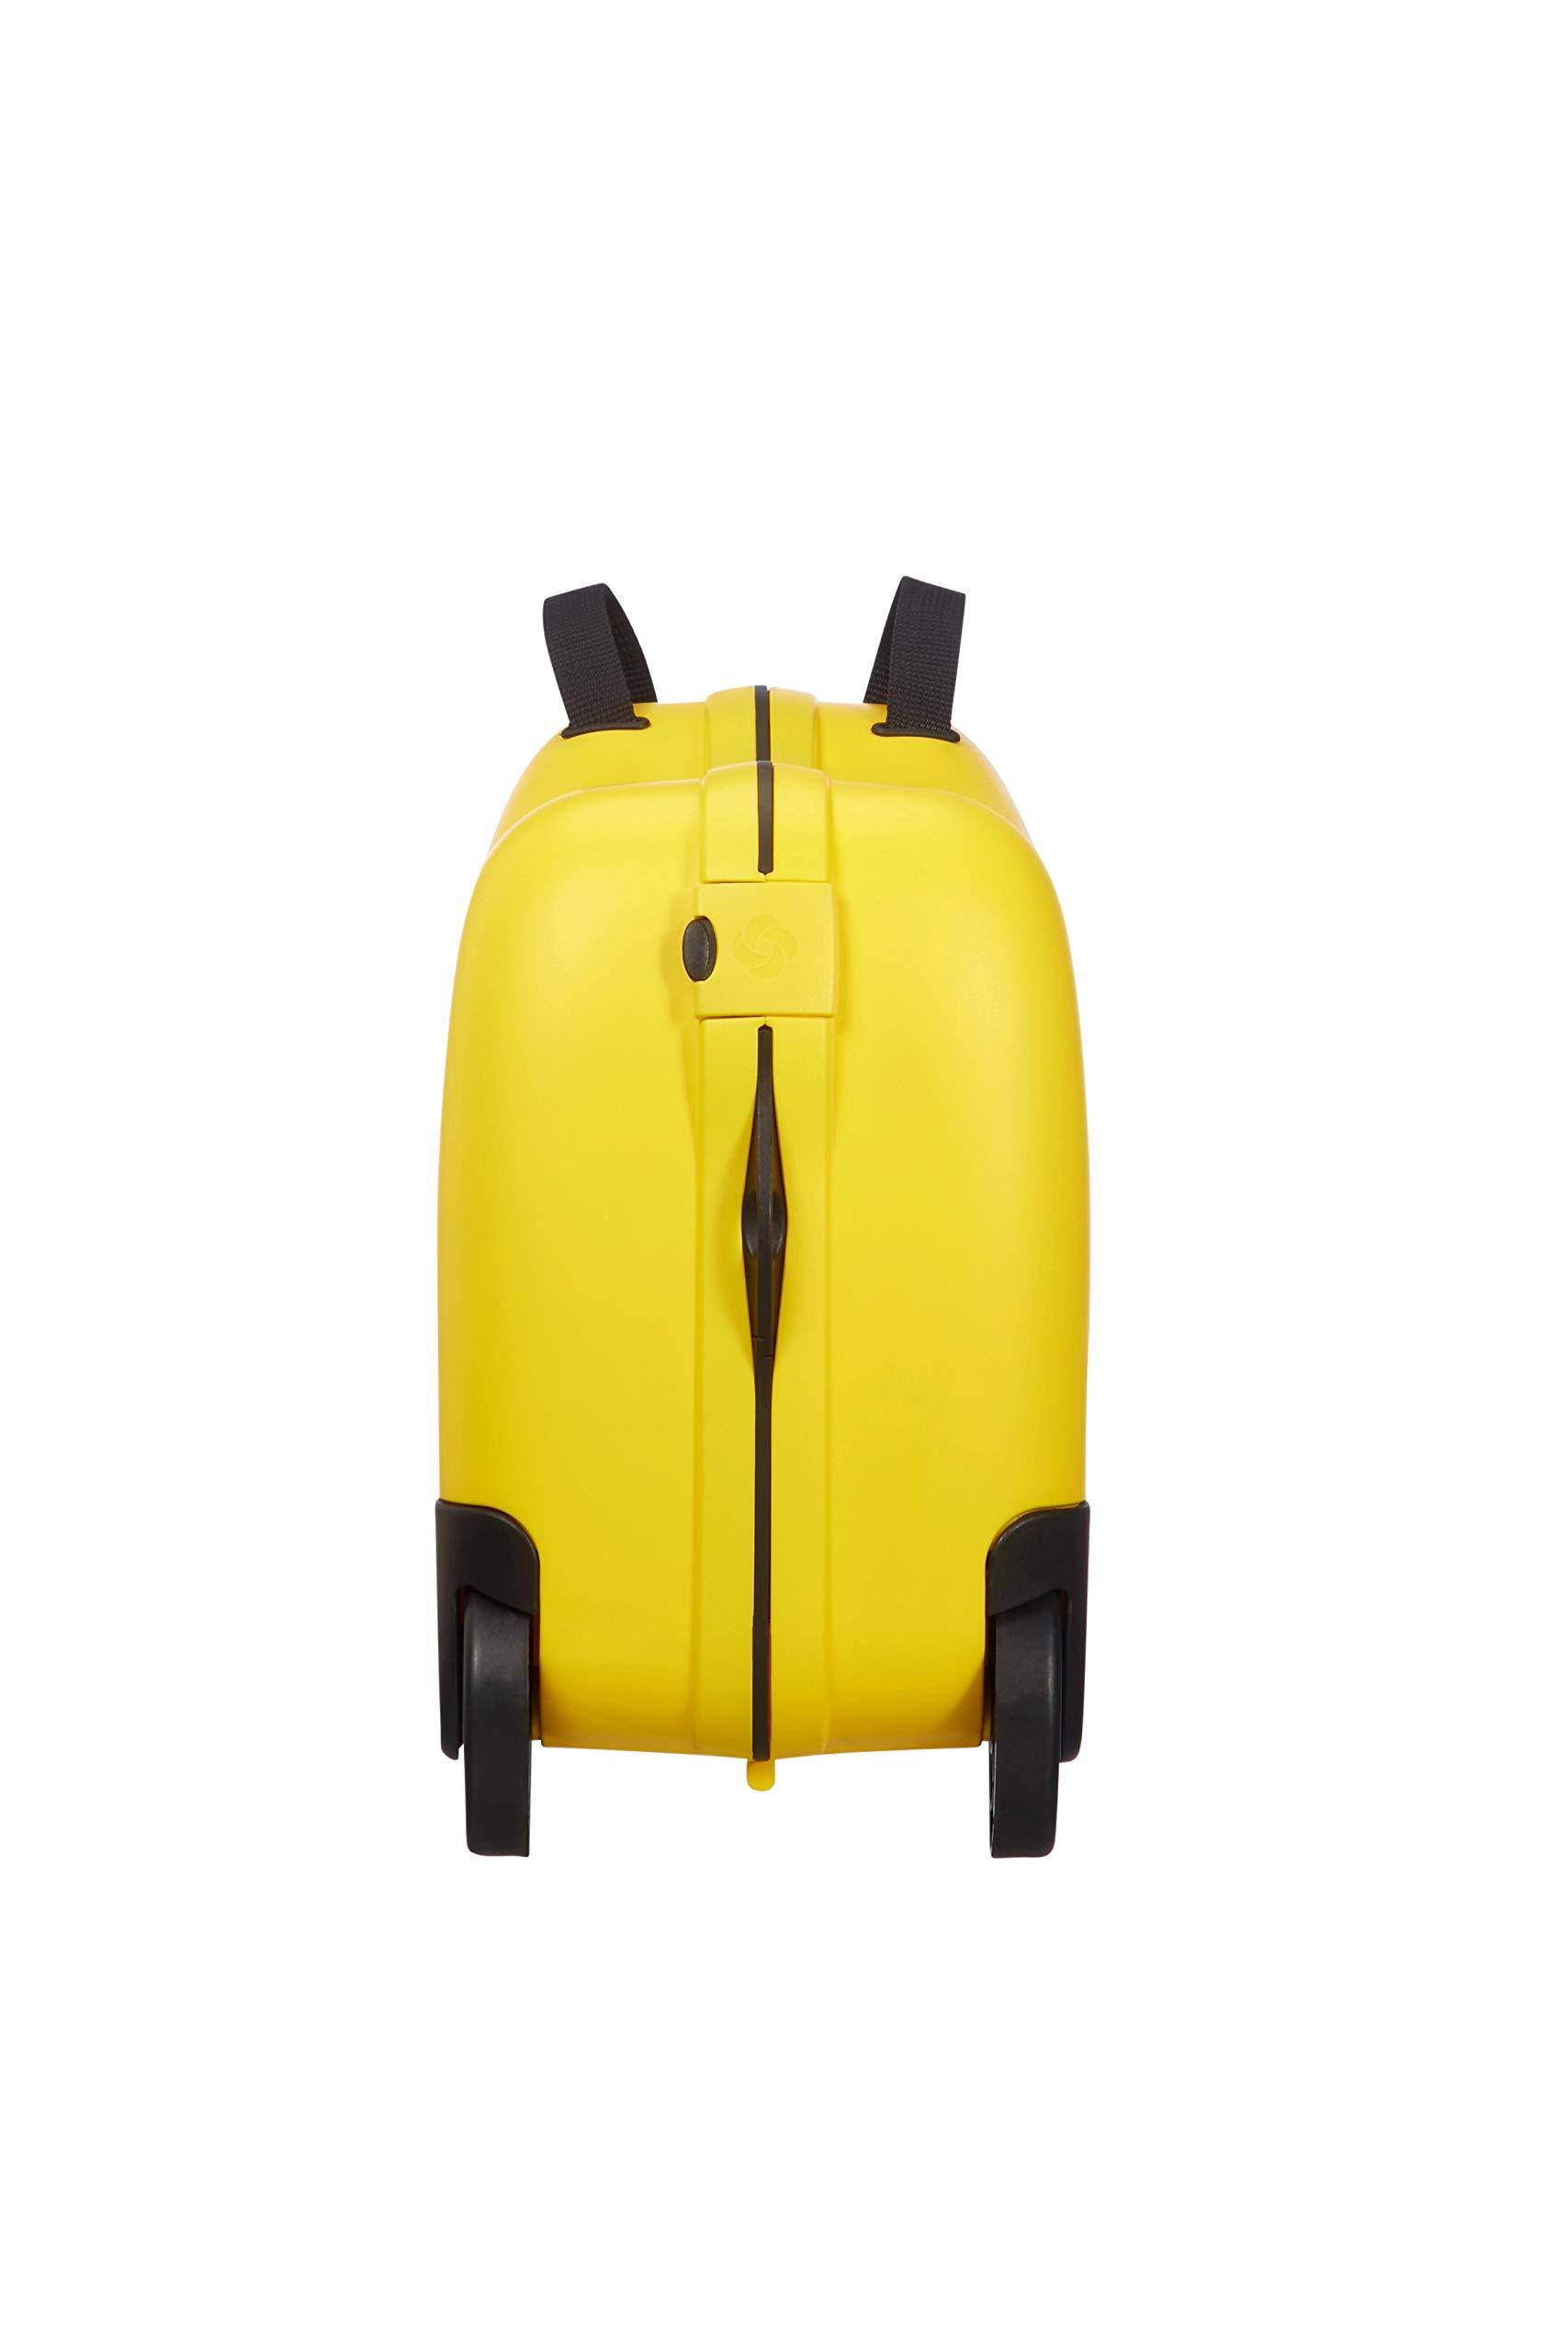 SAMSONITE-Dream-Rider-Suitcase-25L-18-KG-Kindergepck-50-cm